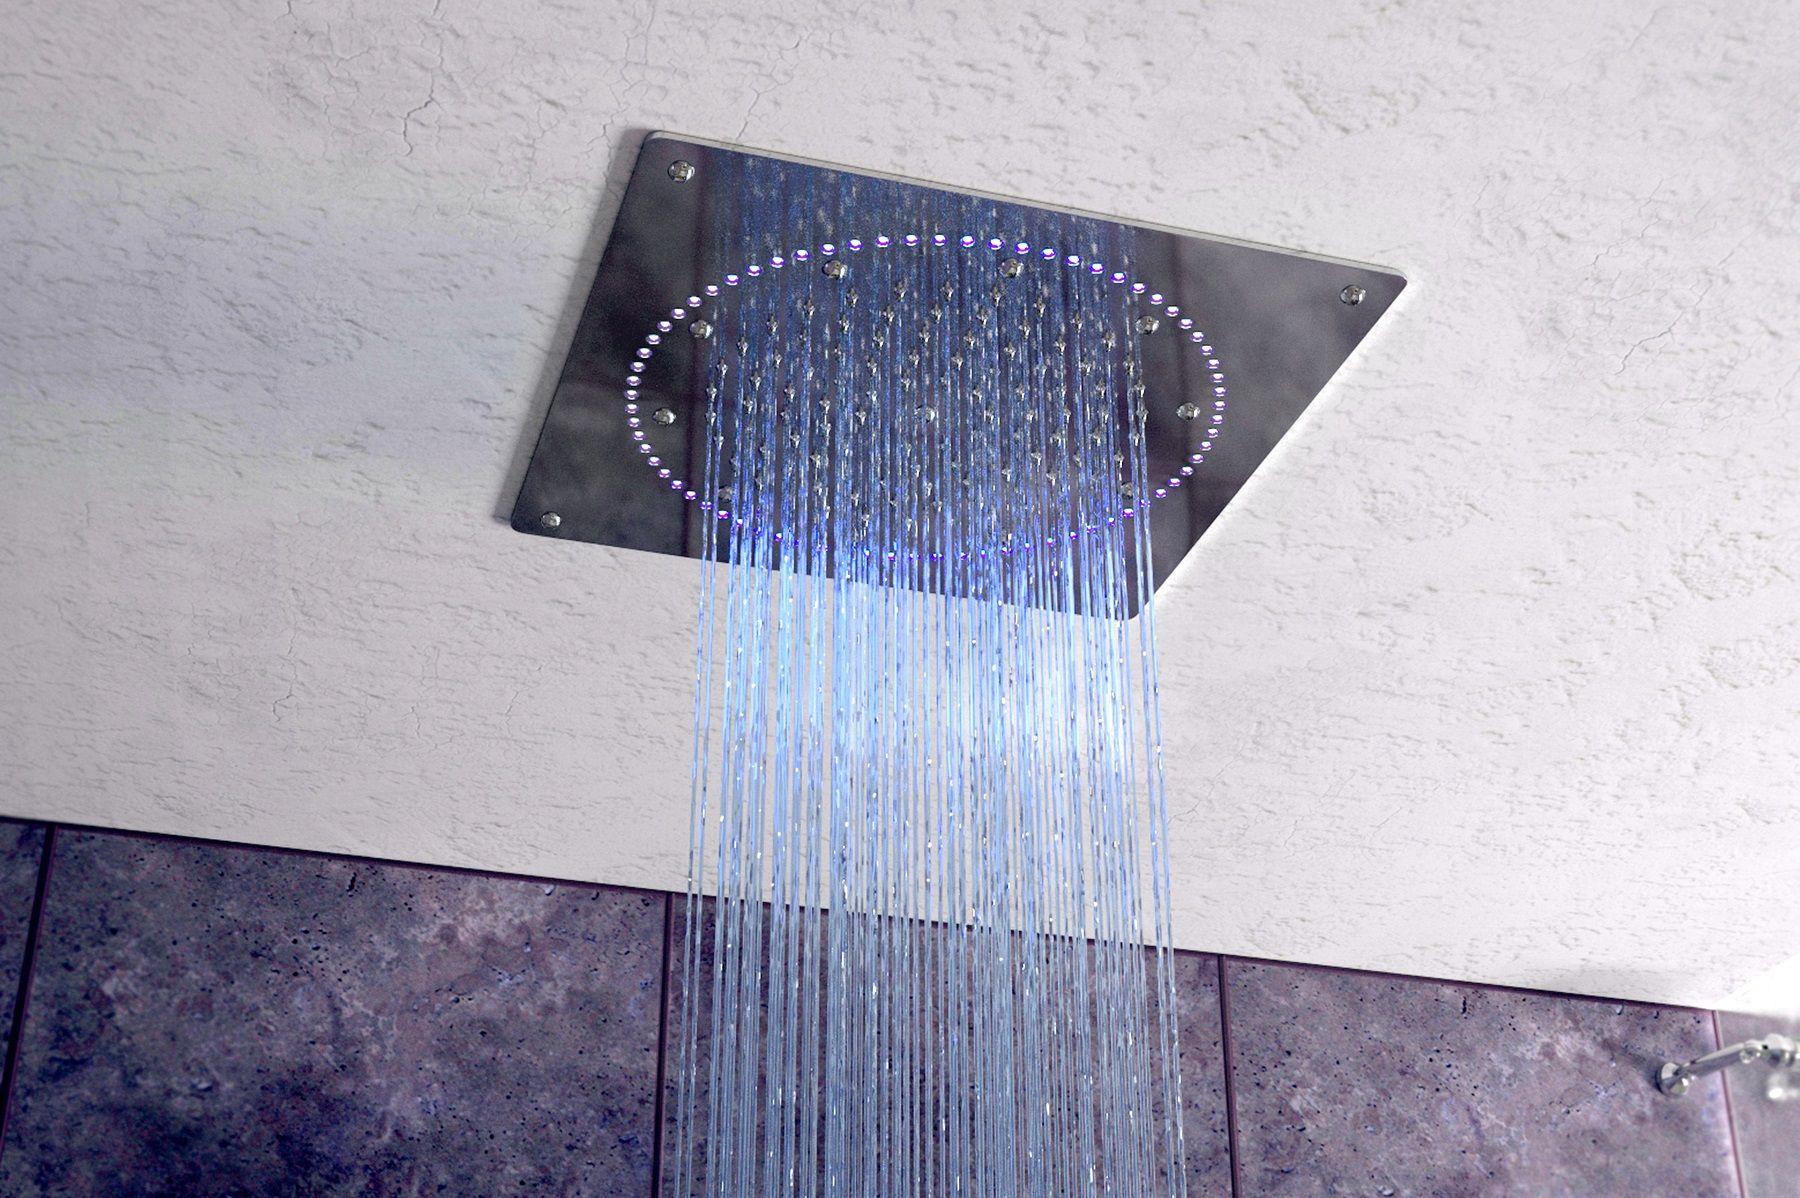 Galaxy Bcsq 270 Built In Shower Head Shower Design Shower Heads